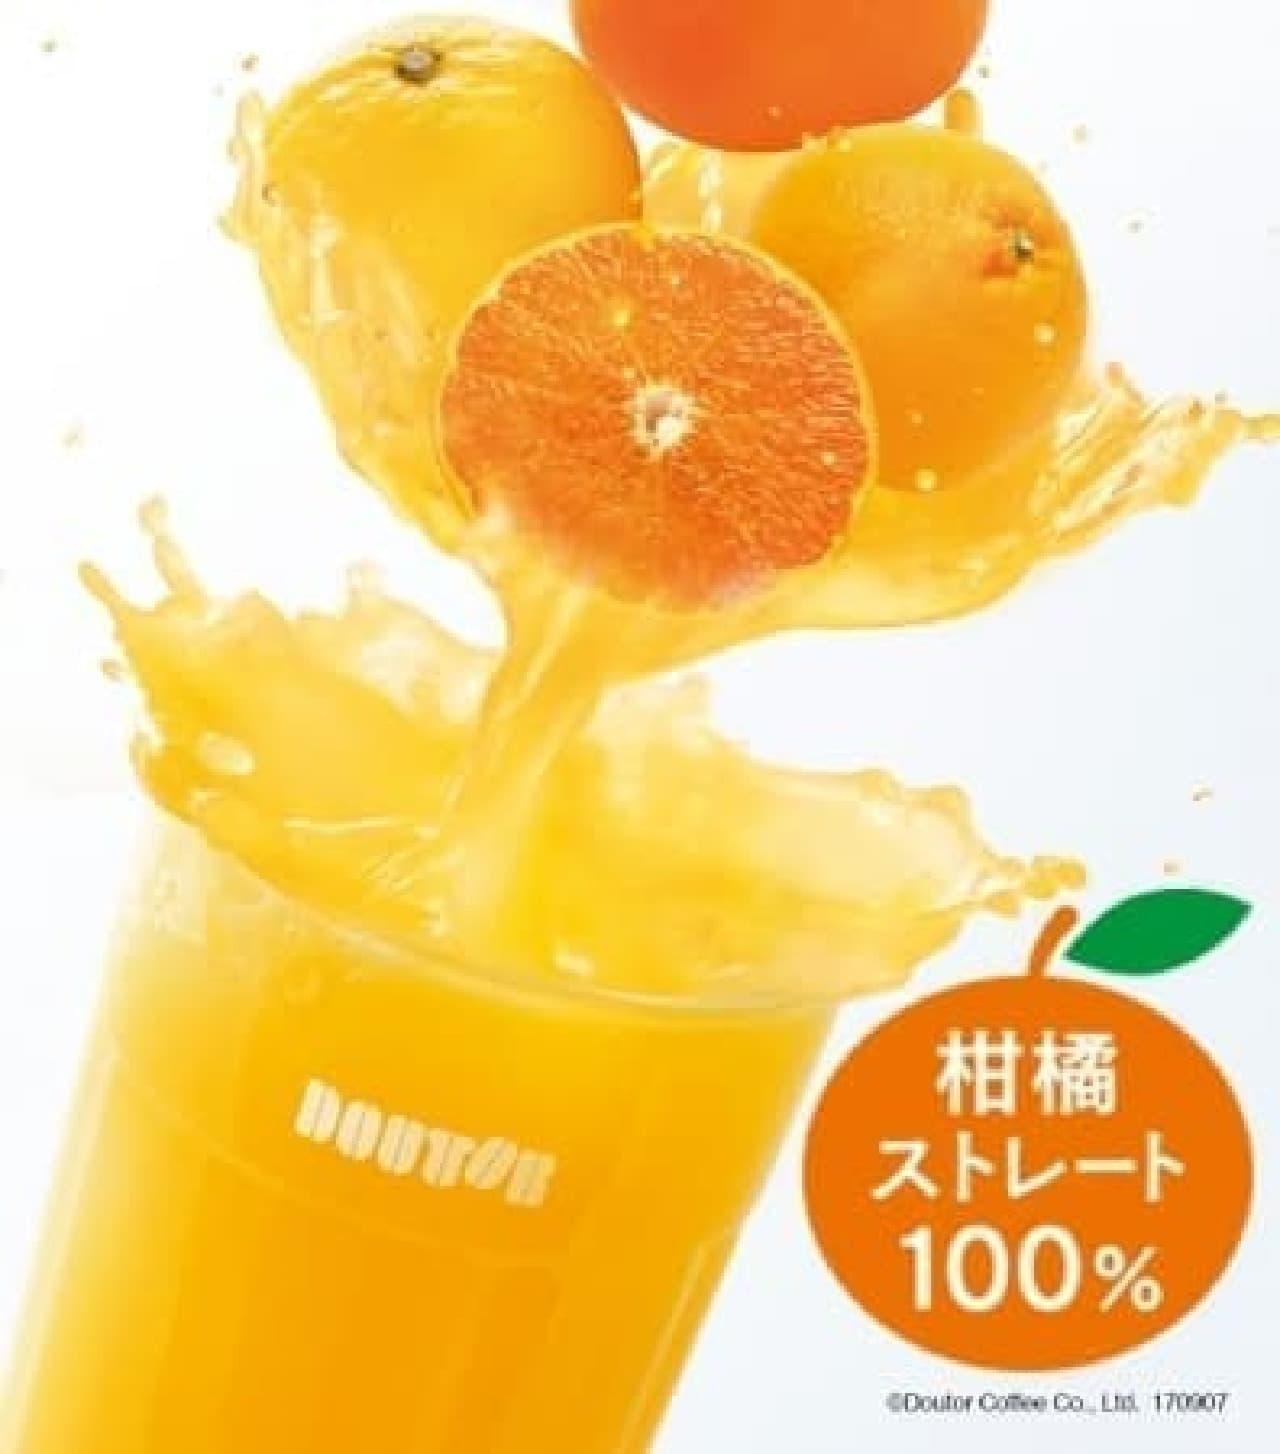 ドトールコーヒーショップ「愛媛かんきつストレートジュース」